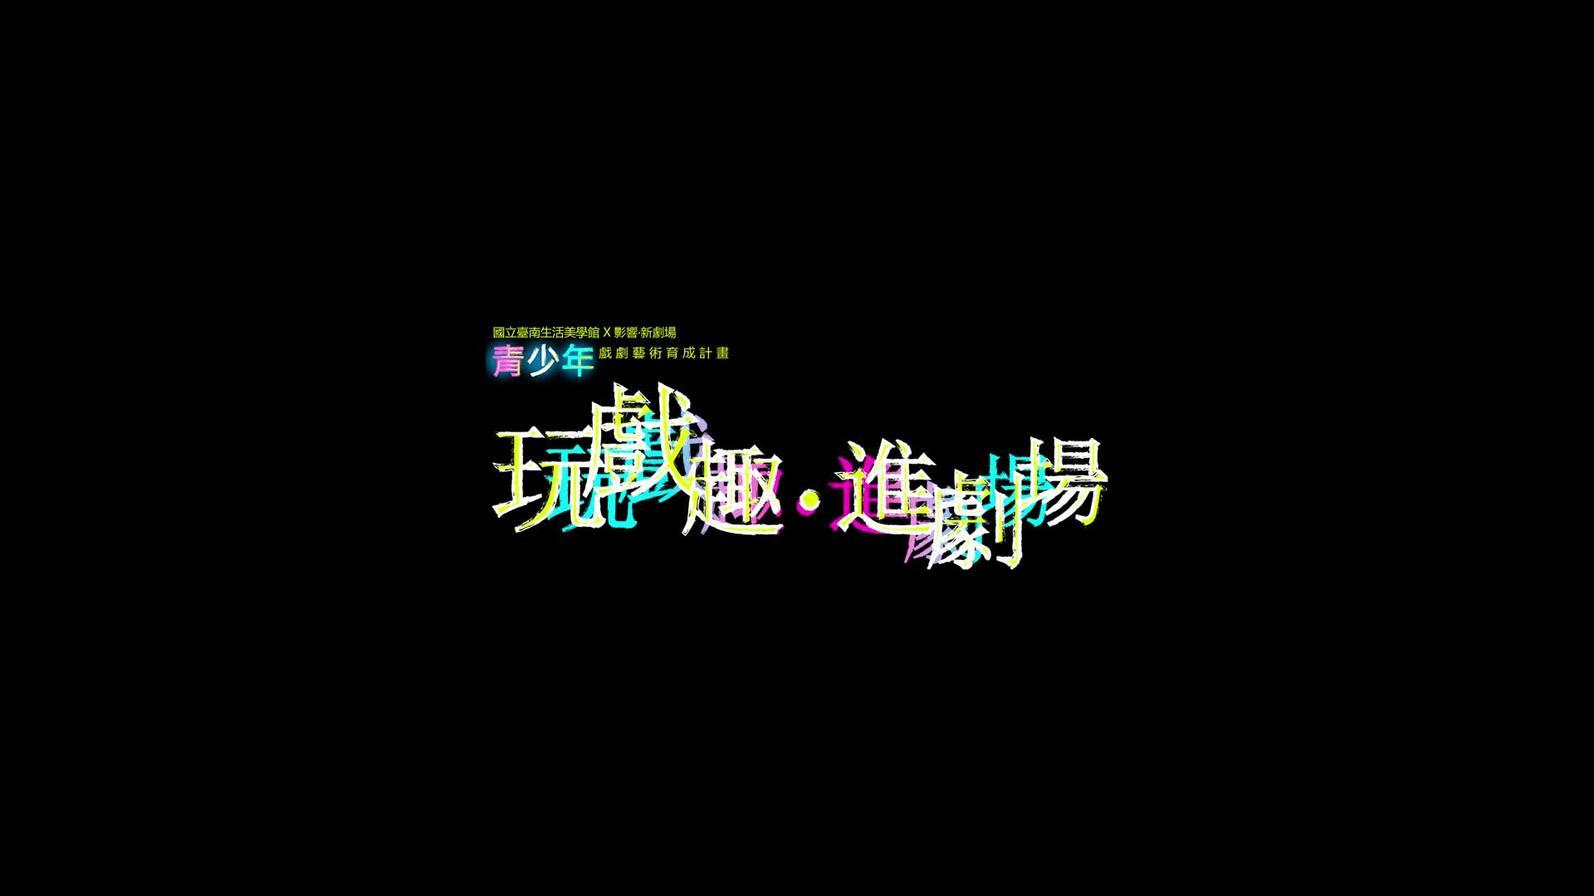 109年青少年戲劇藝術育成計畫-成果紀錄影片